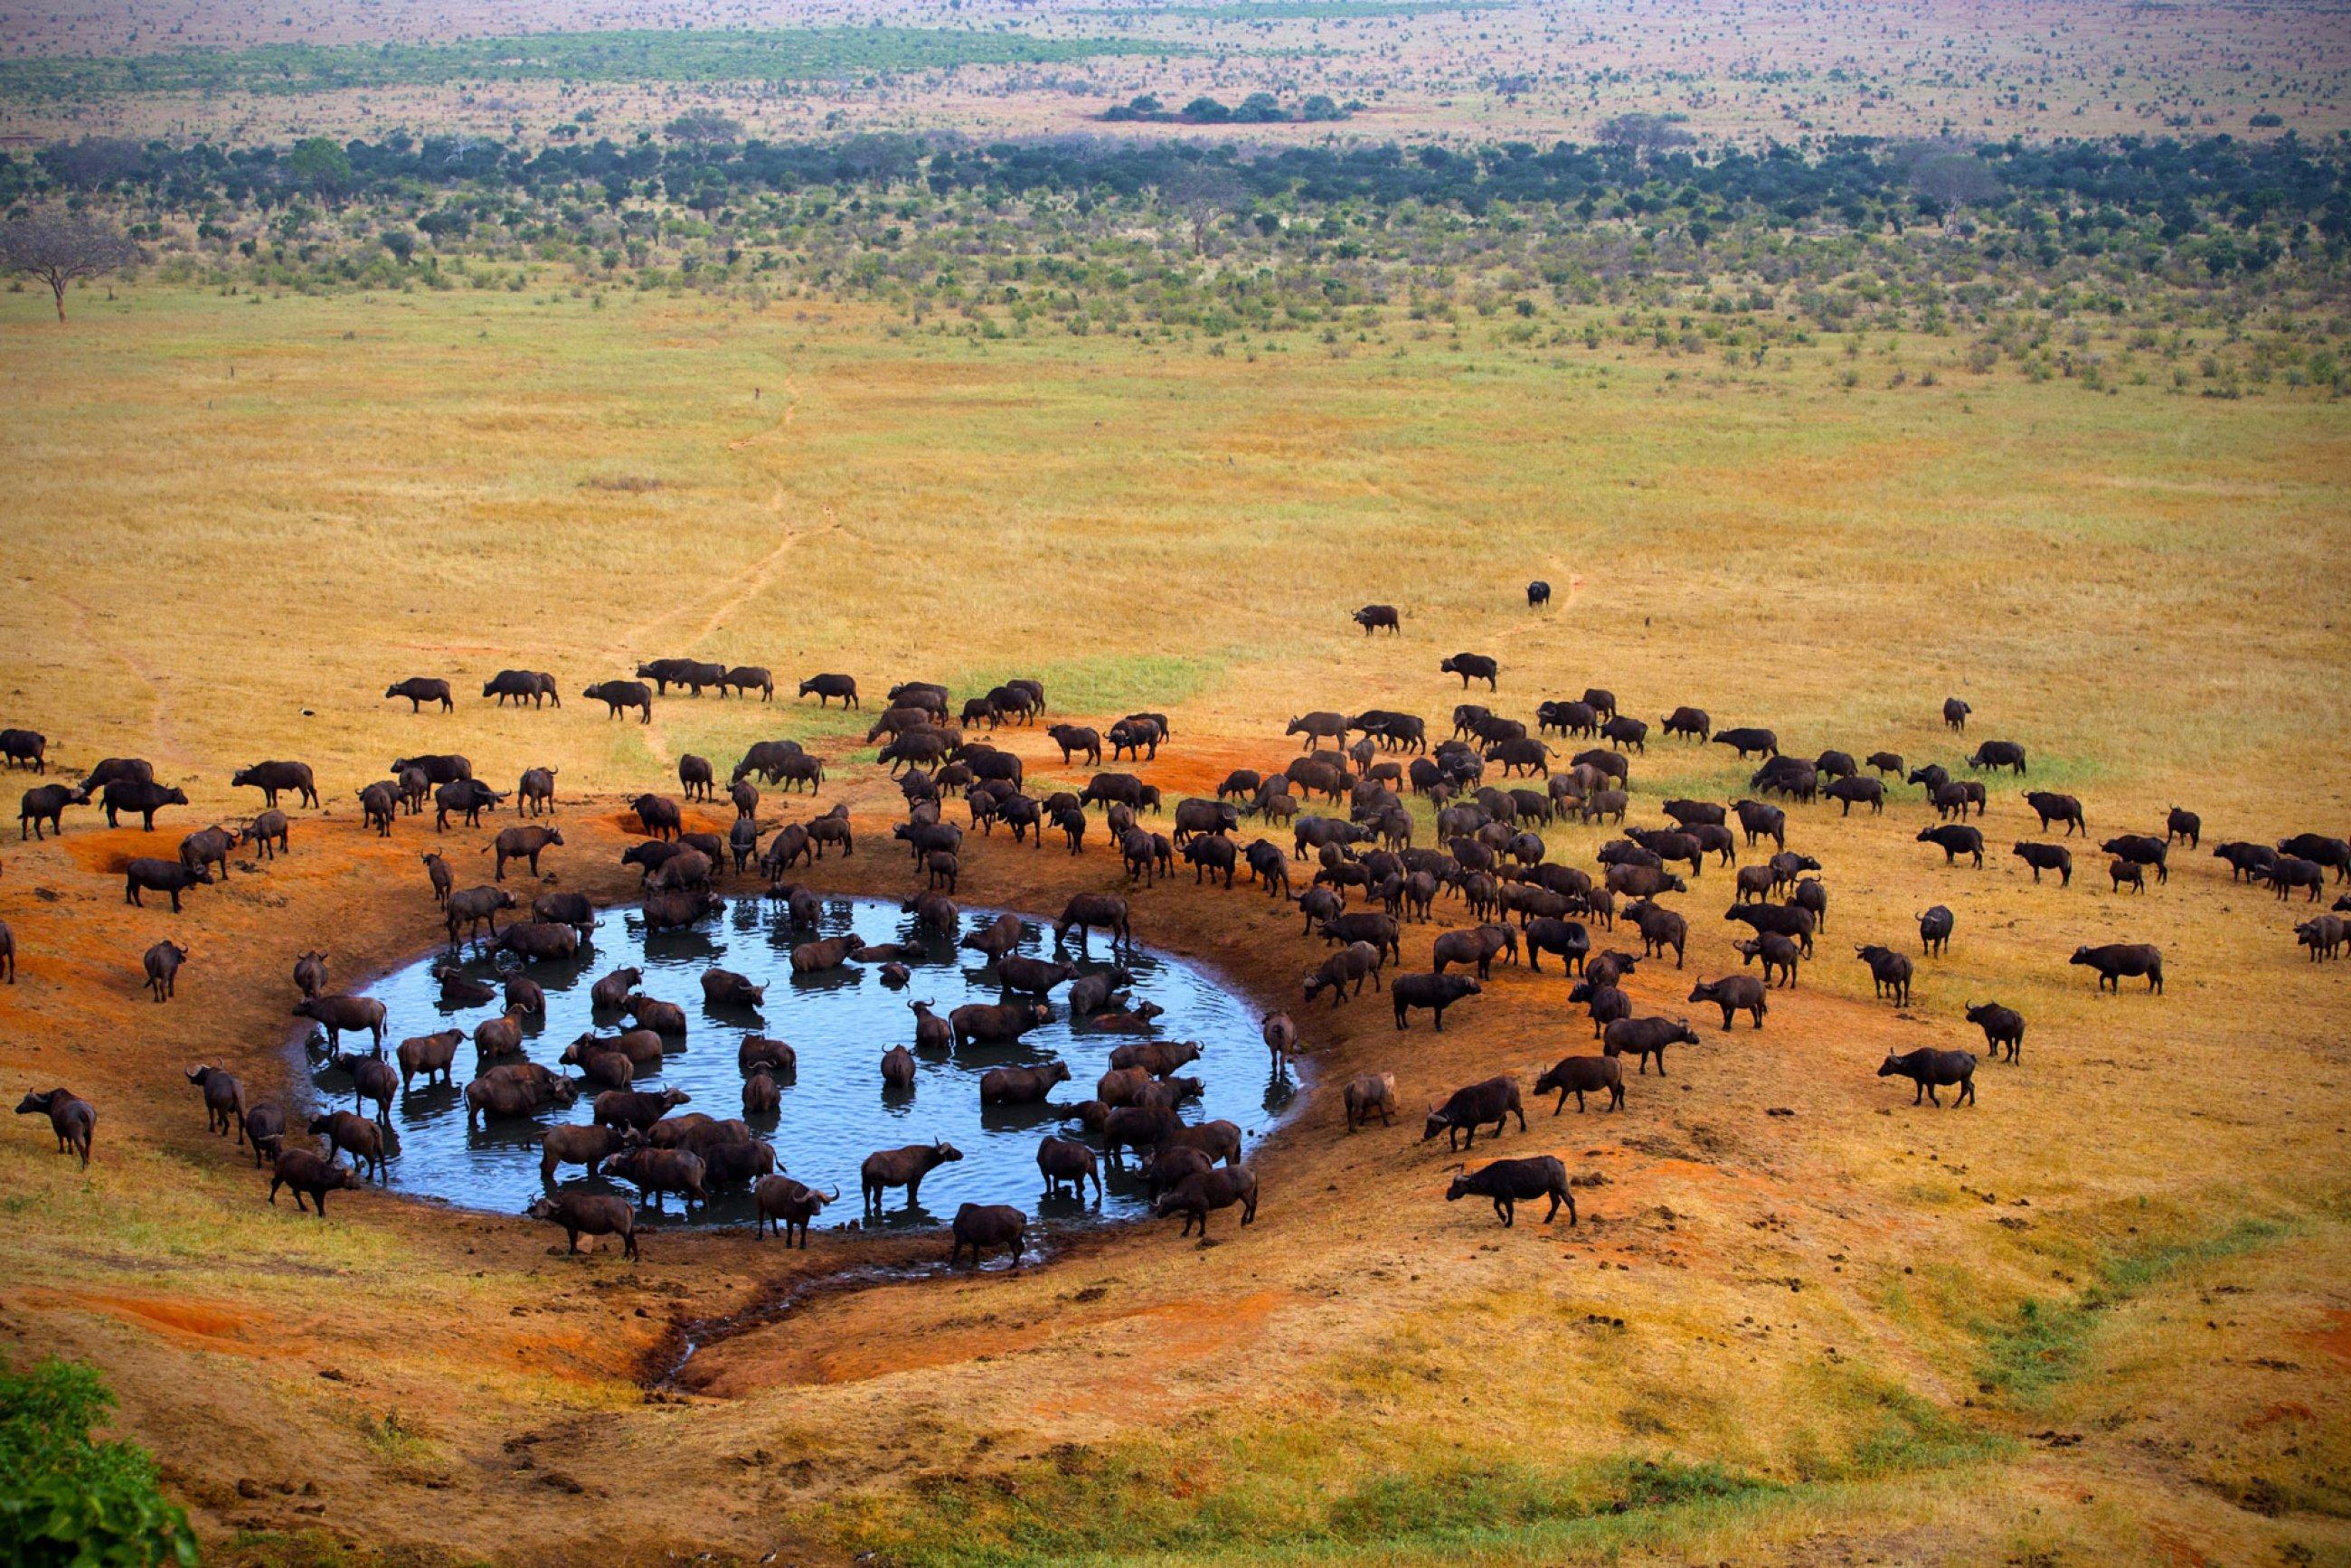 https://bubo.sk/uploads/galleries/16290/safari-pozname-najlepsie-safari-na-svete..jpg